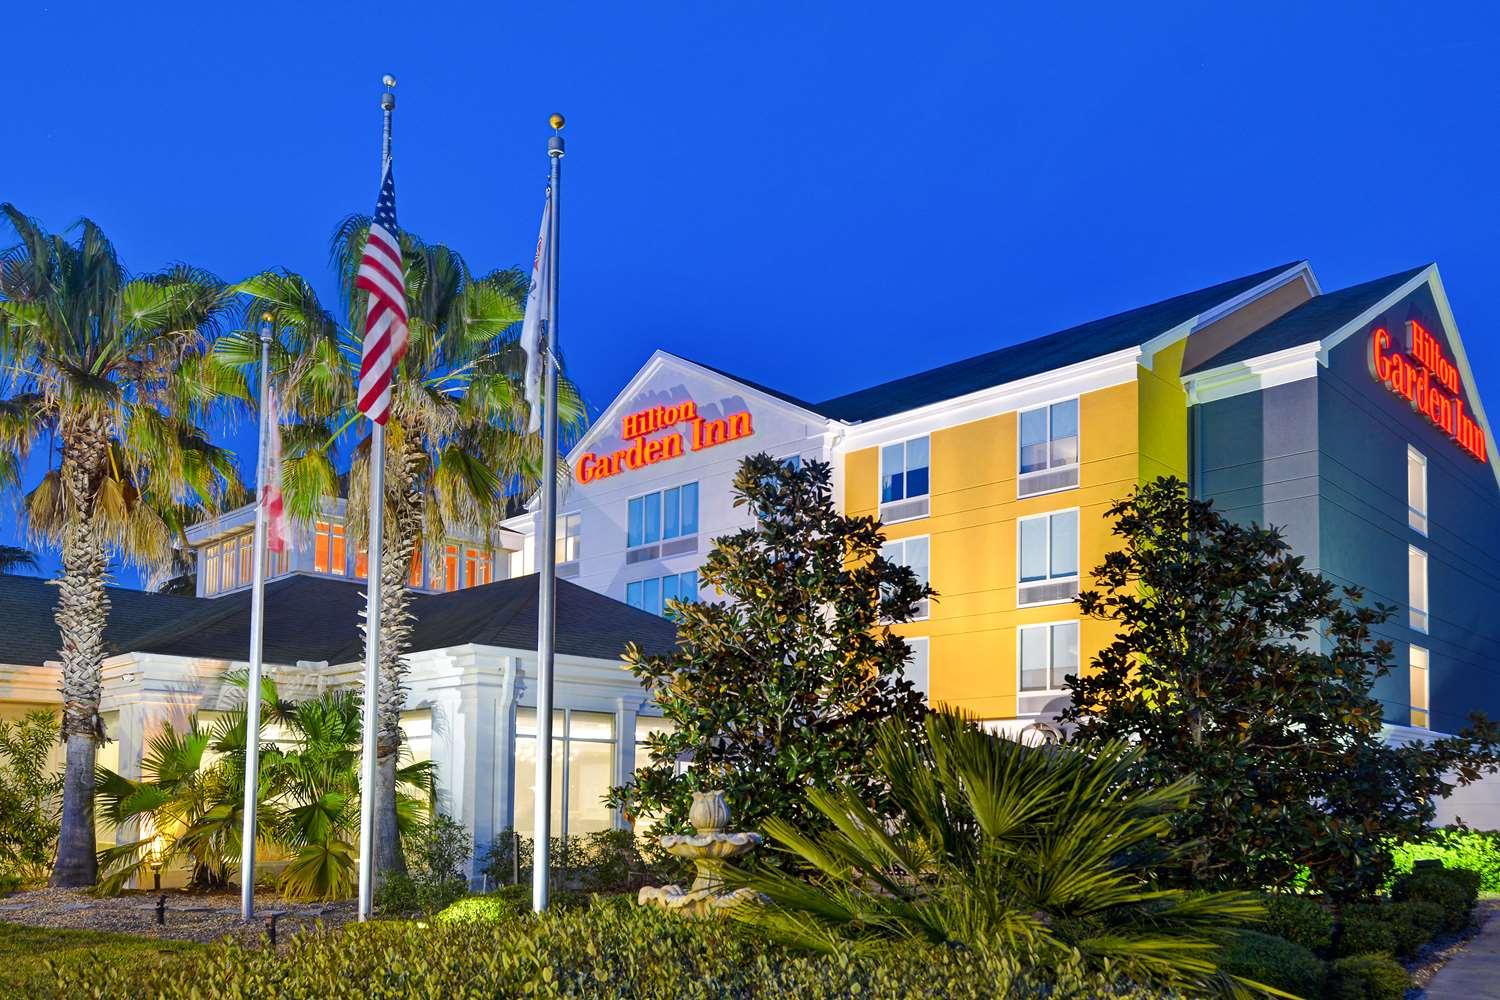 Hilton Garden Inn Jacksonville/Orange Park, FL